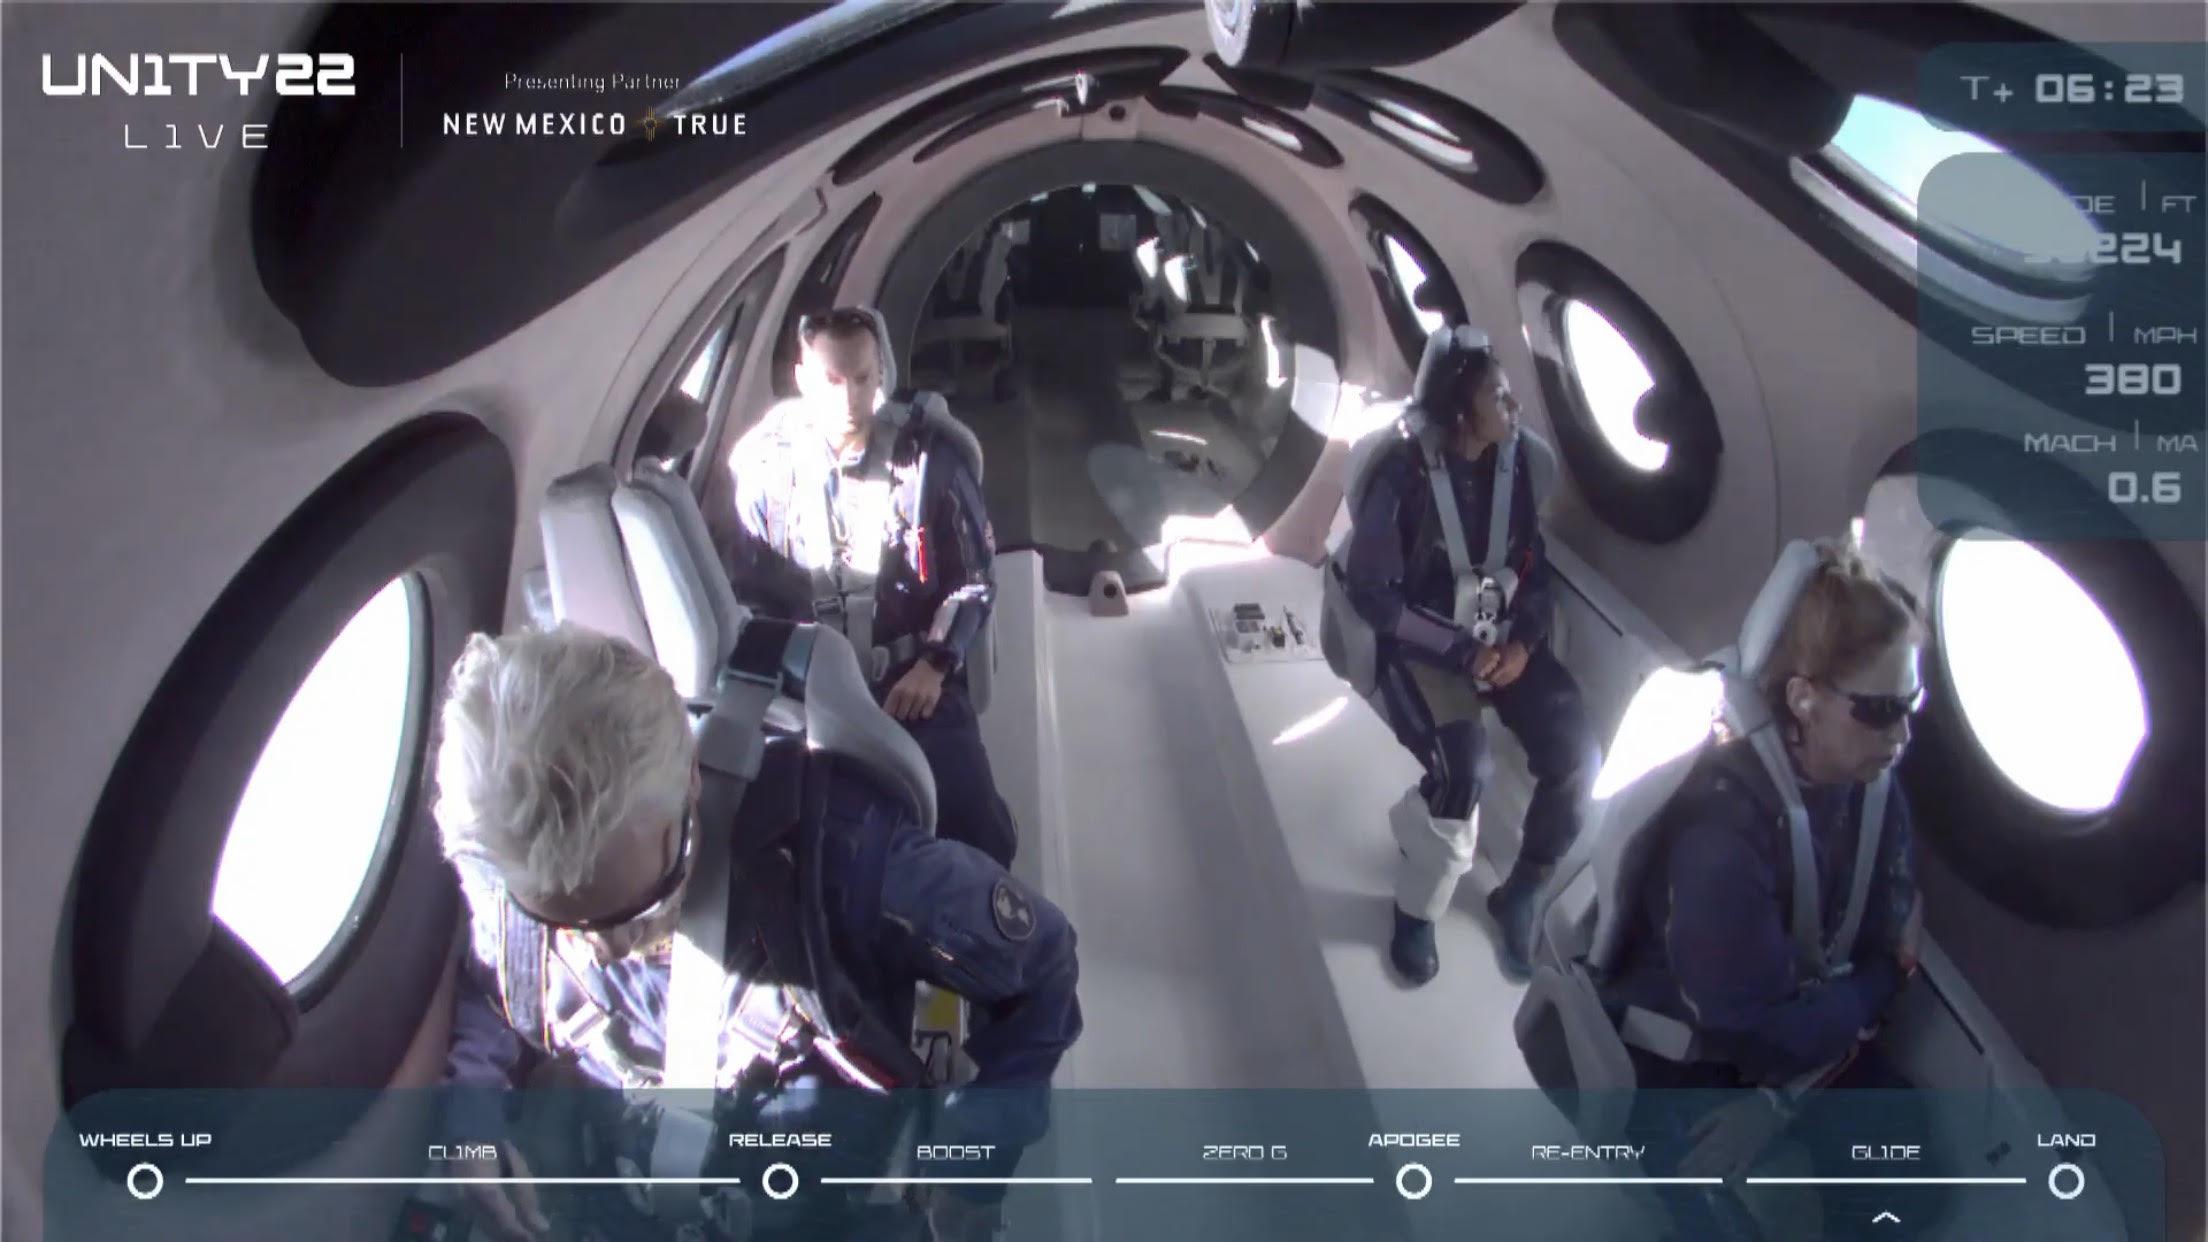 Ο Ρίτσαρντ Μπράνσον και απλοί επιβάτες πέταξαν για πρώτη φορά... στο Διάστημα - Δείτε βίντεο από την εκτόξευση και την πτήση